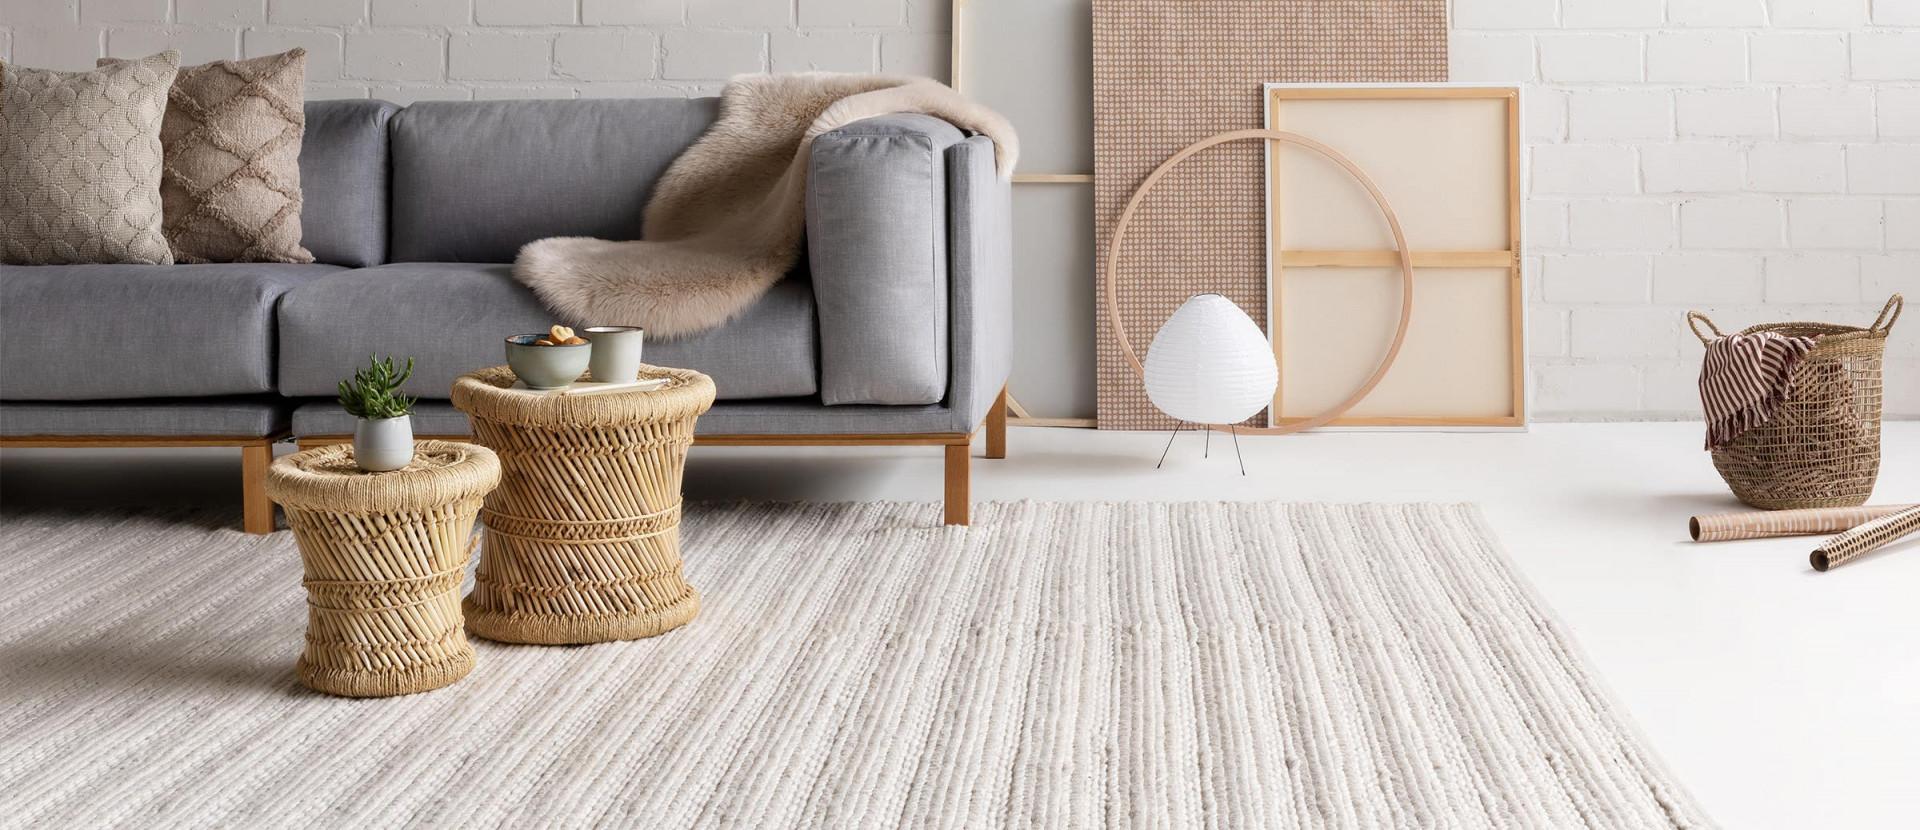 Welcher Teppich Passt Zu Mir  Hilfreiche Tipps von Teppich Wohnzimmer Hell Bild